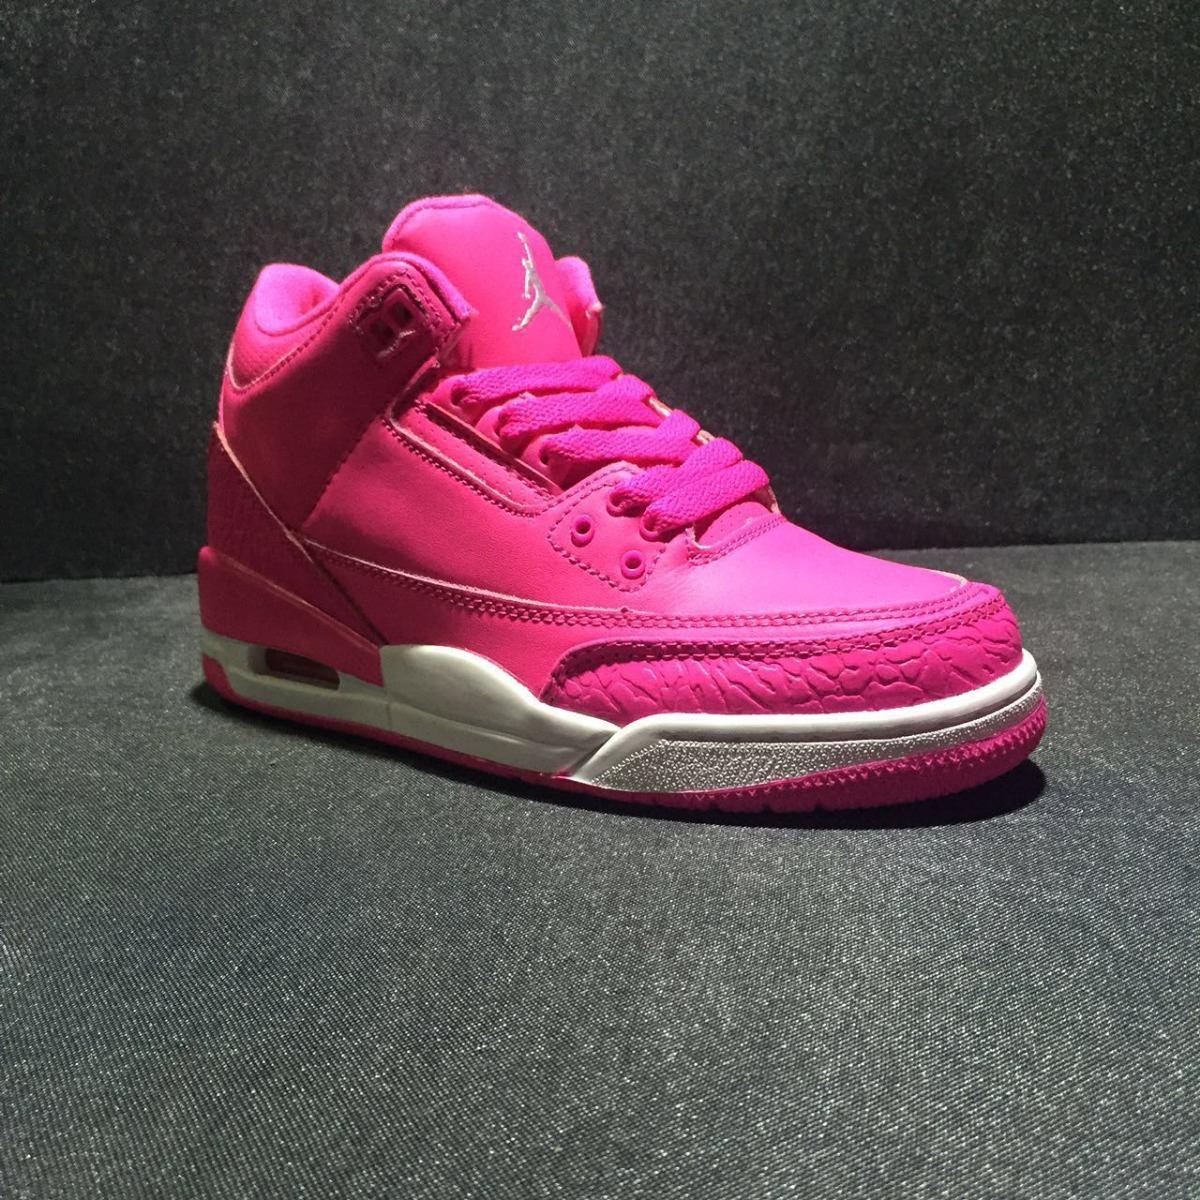 separation shoes 2ae98 ee931 zapatillas jordan air 3 dama talla 39 en stock. Cargando zoom.